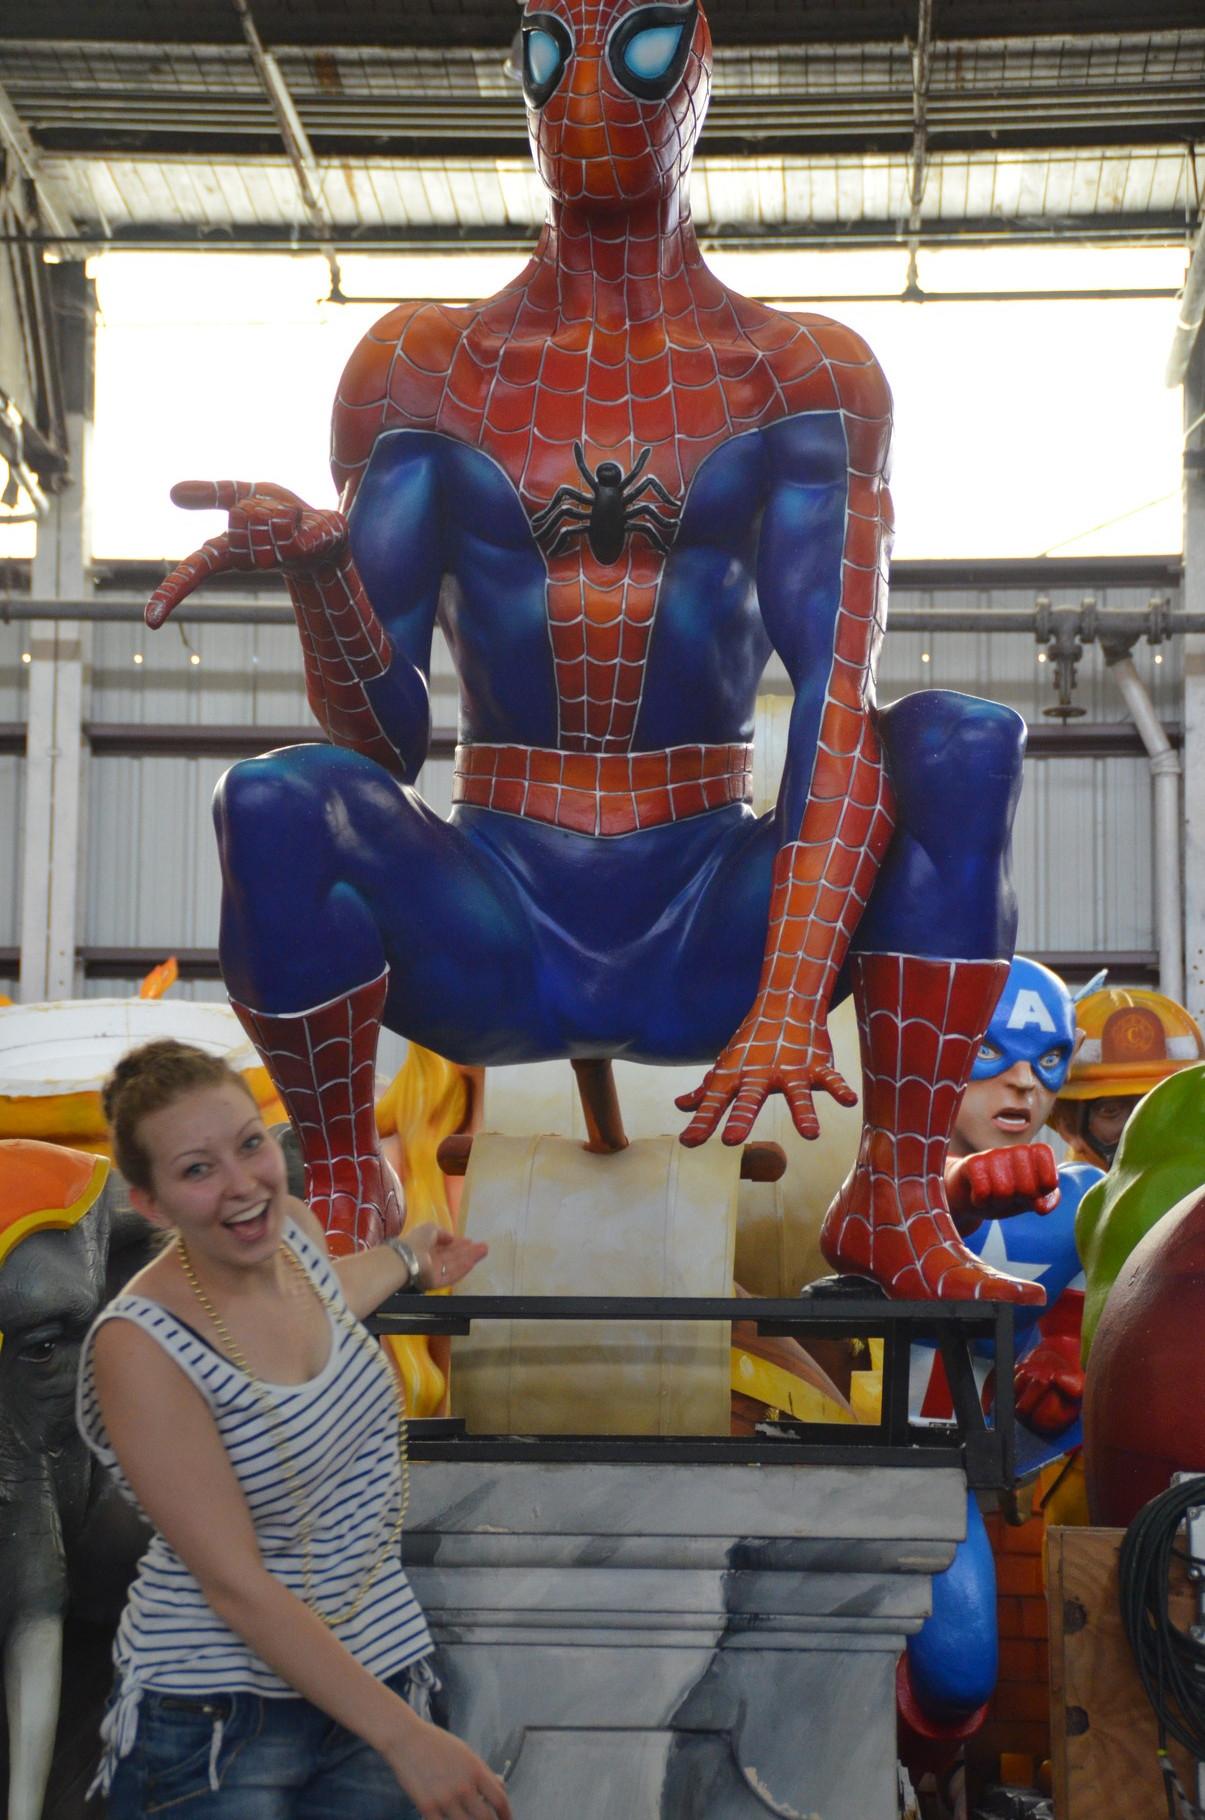 ach Spiderman, heute so witzig!